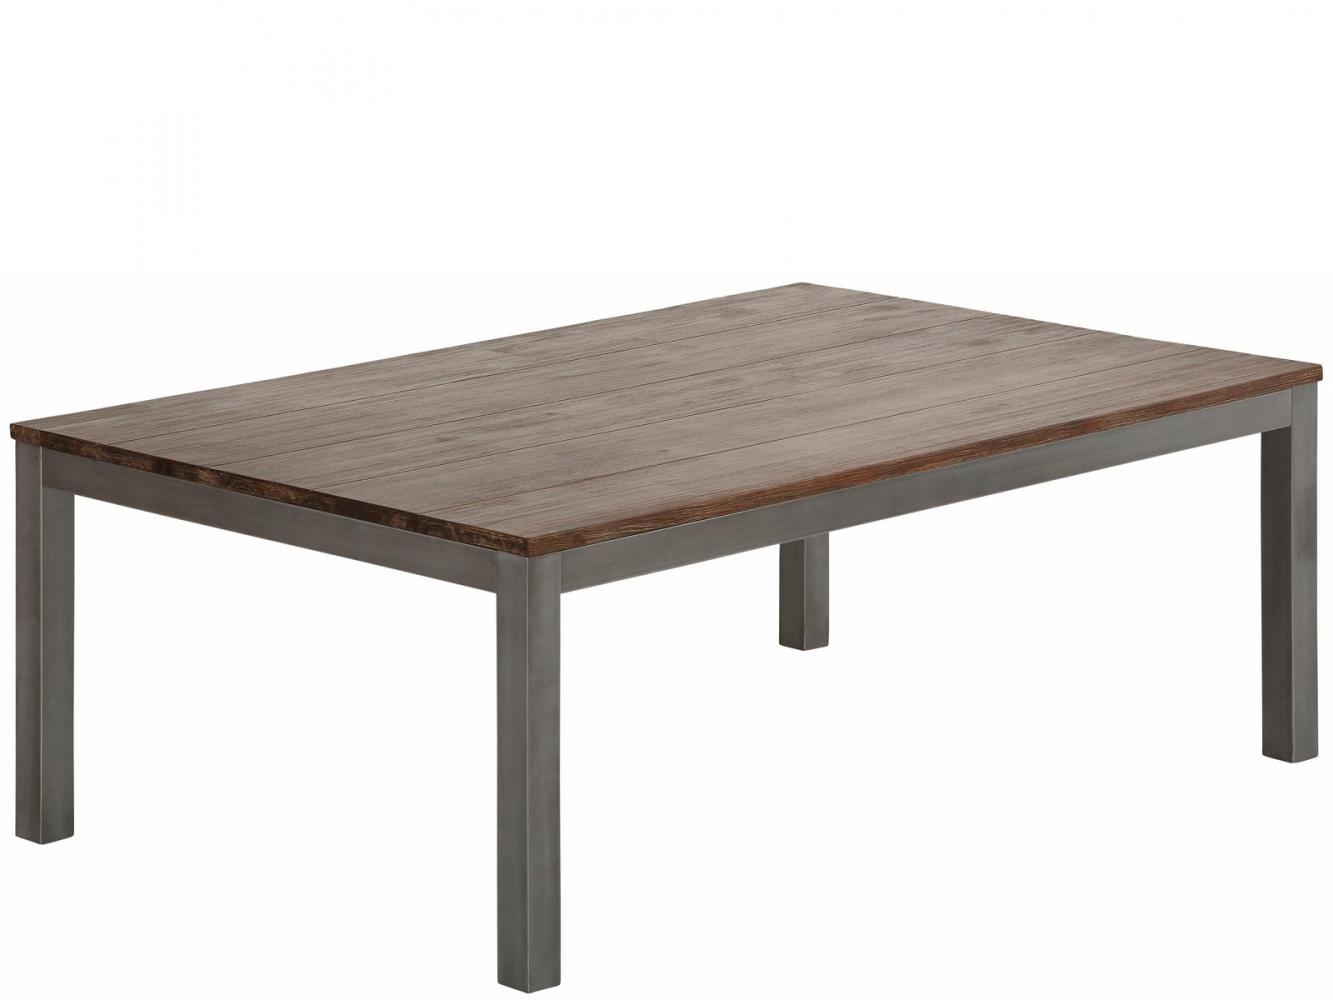 Konferenční stolek Conge, 110 cm, hnědá